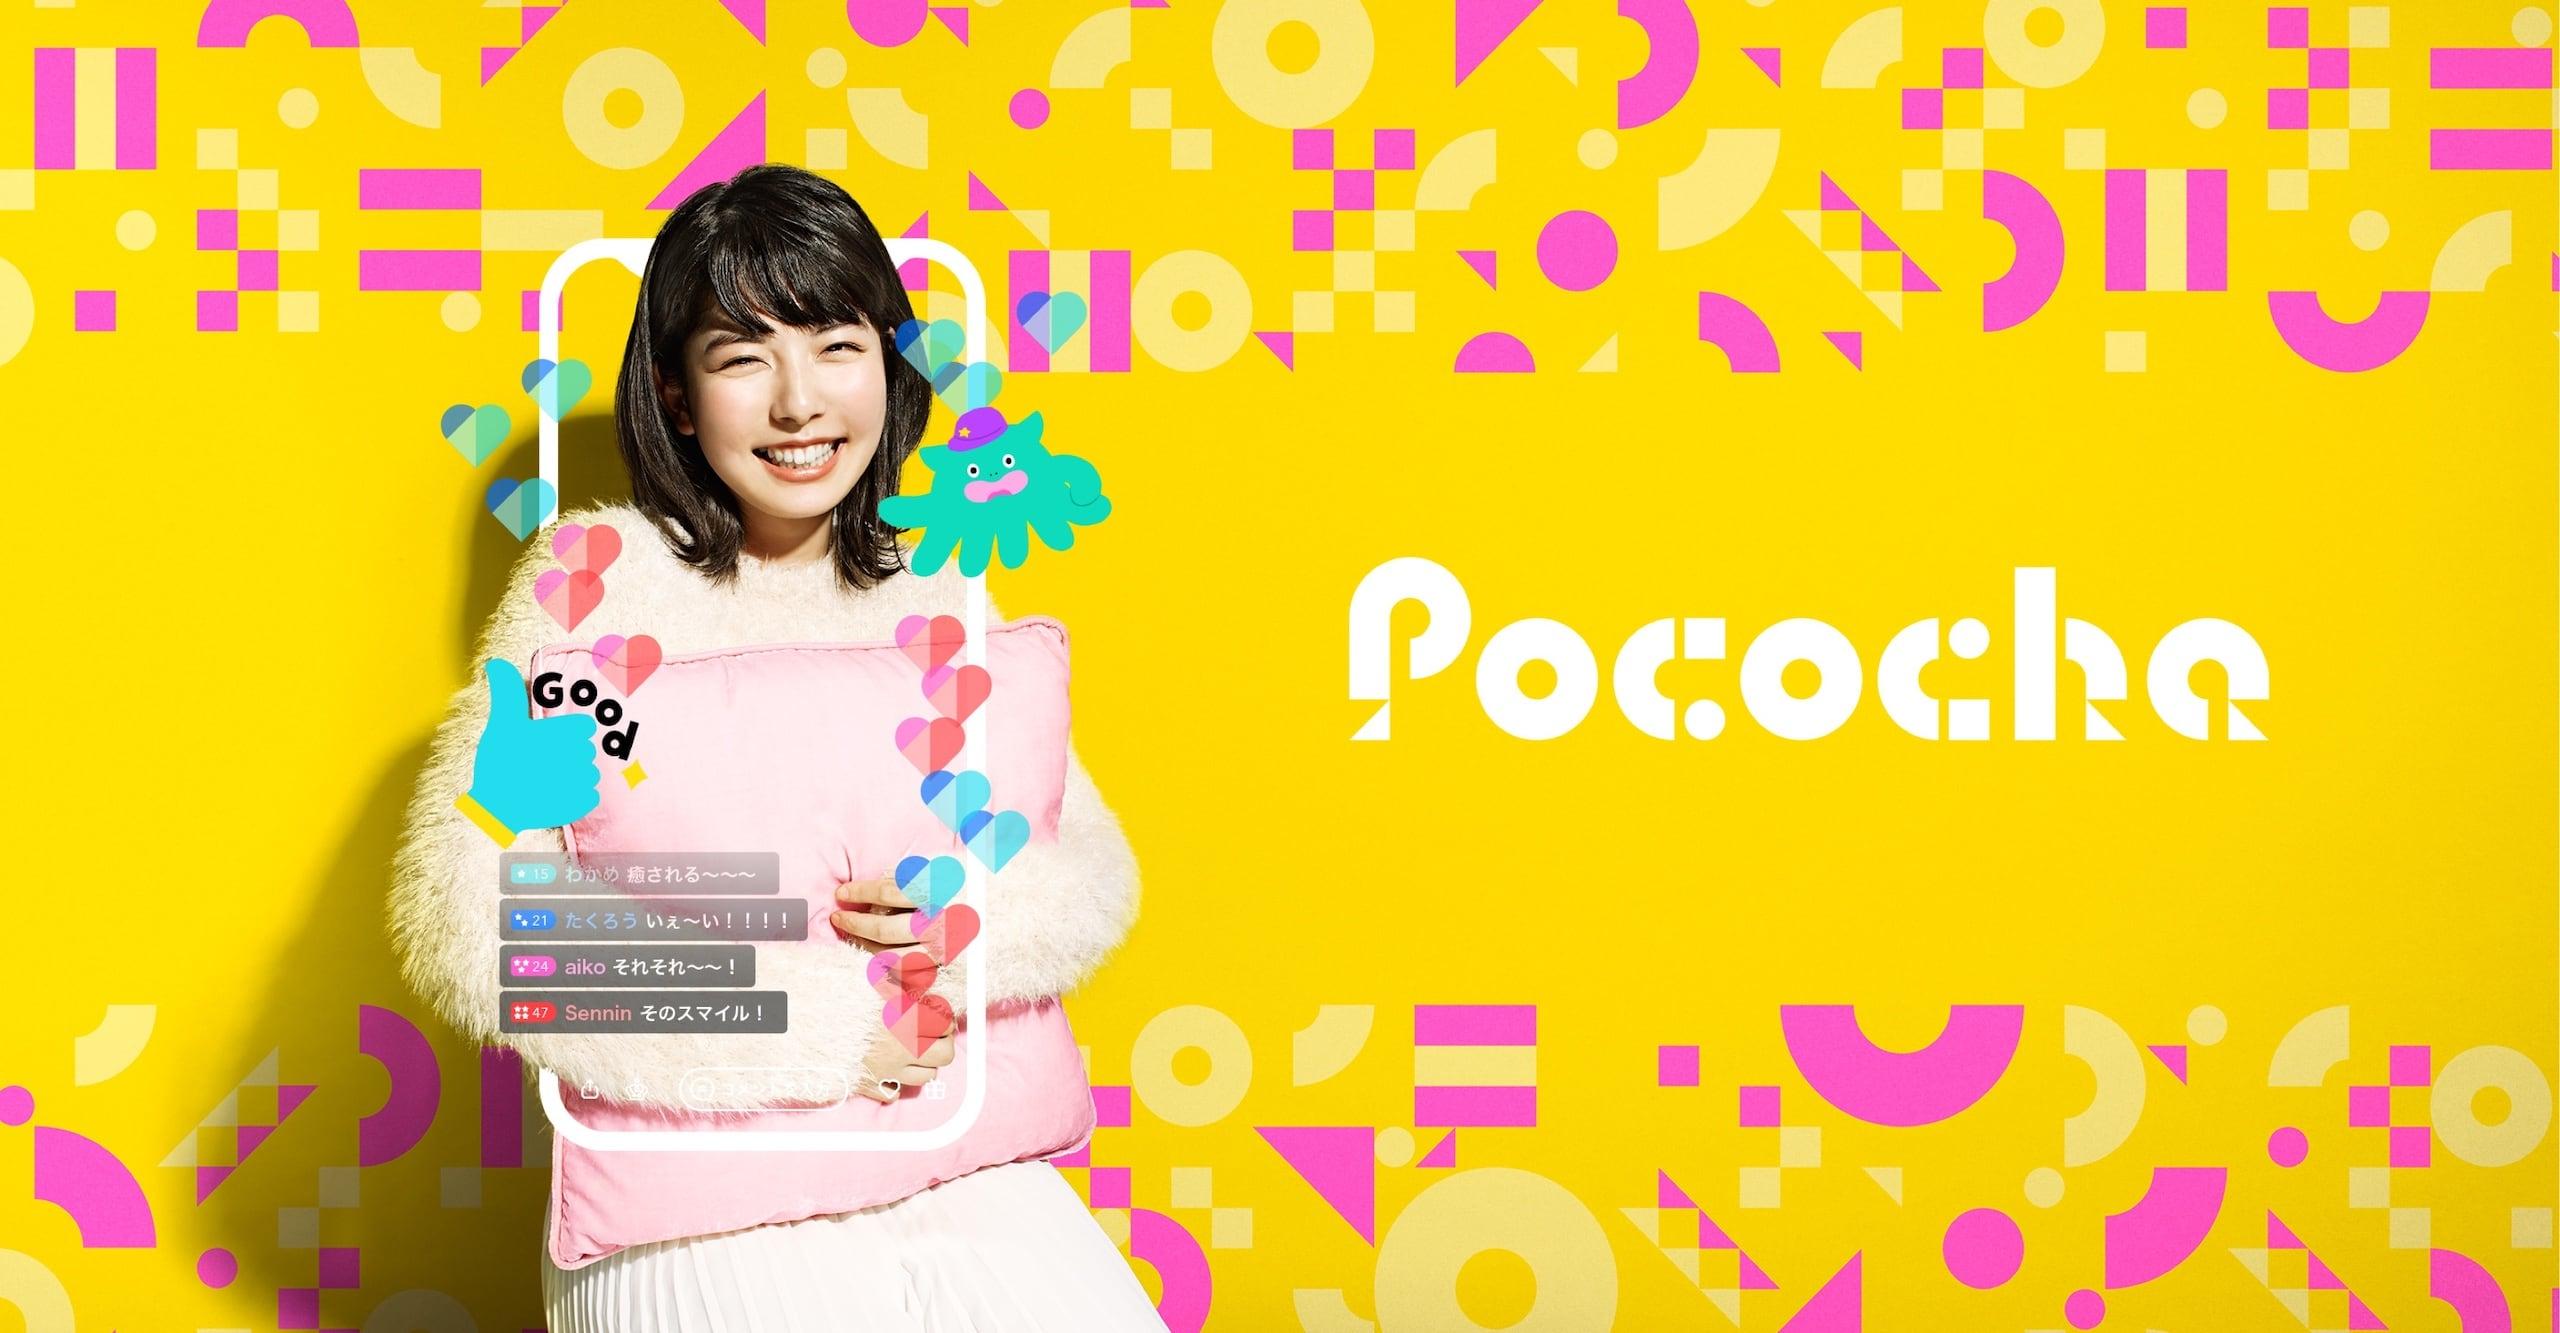 Pococha(ポコチャ)公式サイト - ライブコミュニケーションアプリ